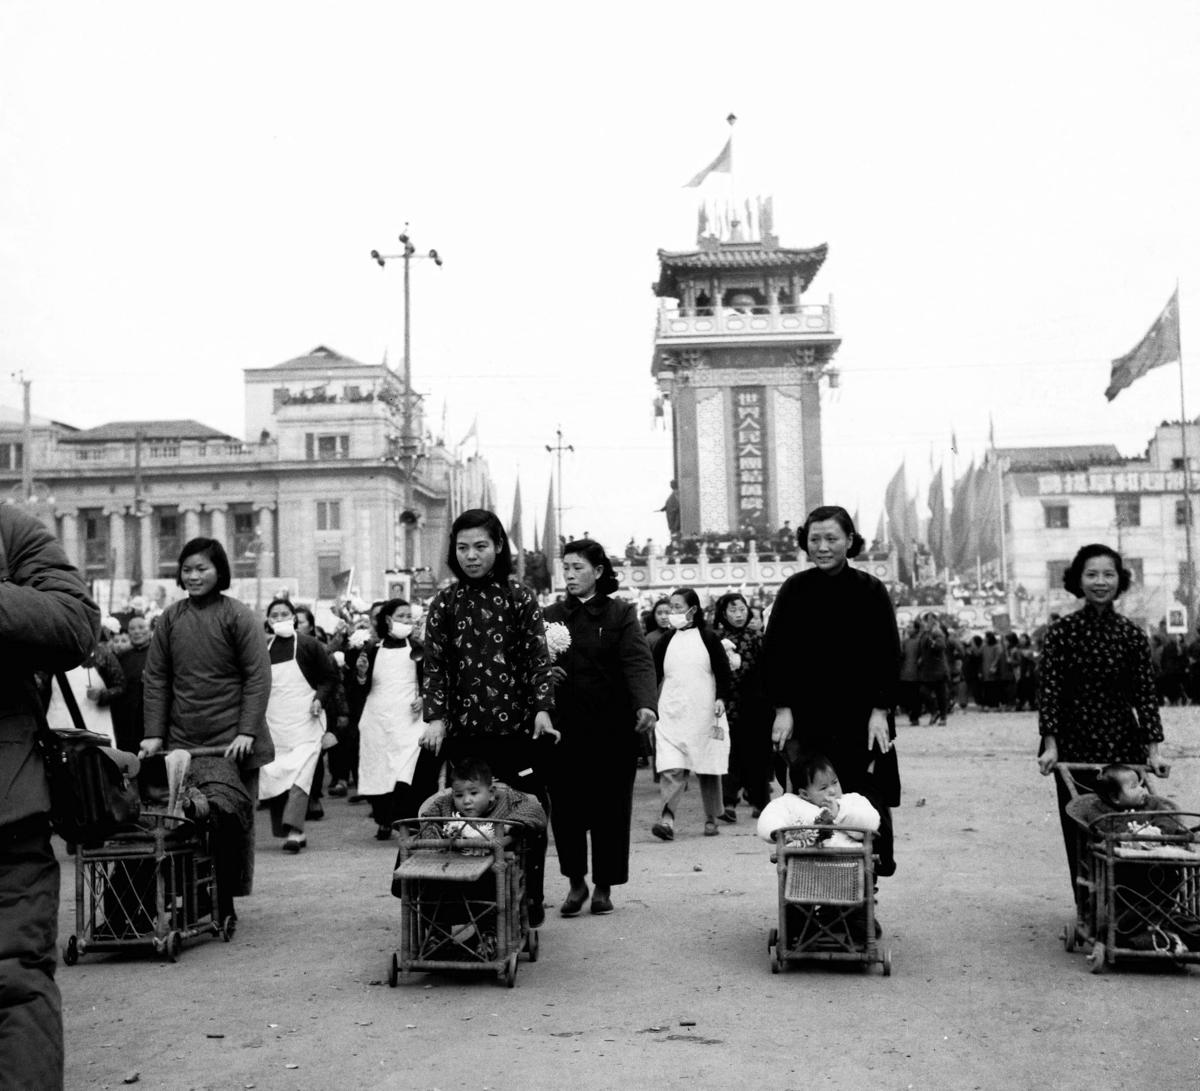 14-2 1954南京市隆重庆祝国庆节全市各行各业都由先进人物作为代表参加盛典活动,这是香铺營街道居民推着童车游行.jpg